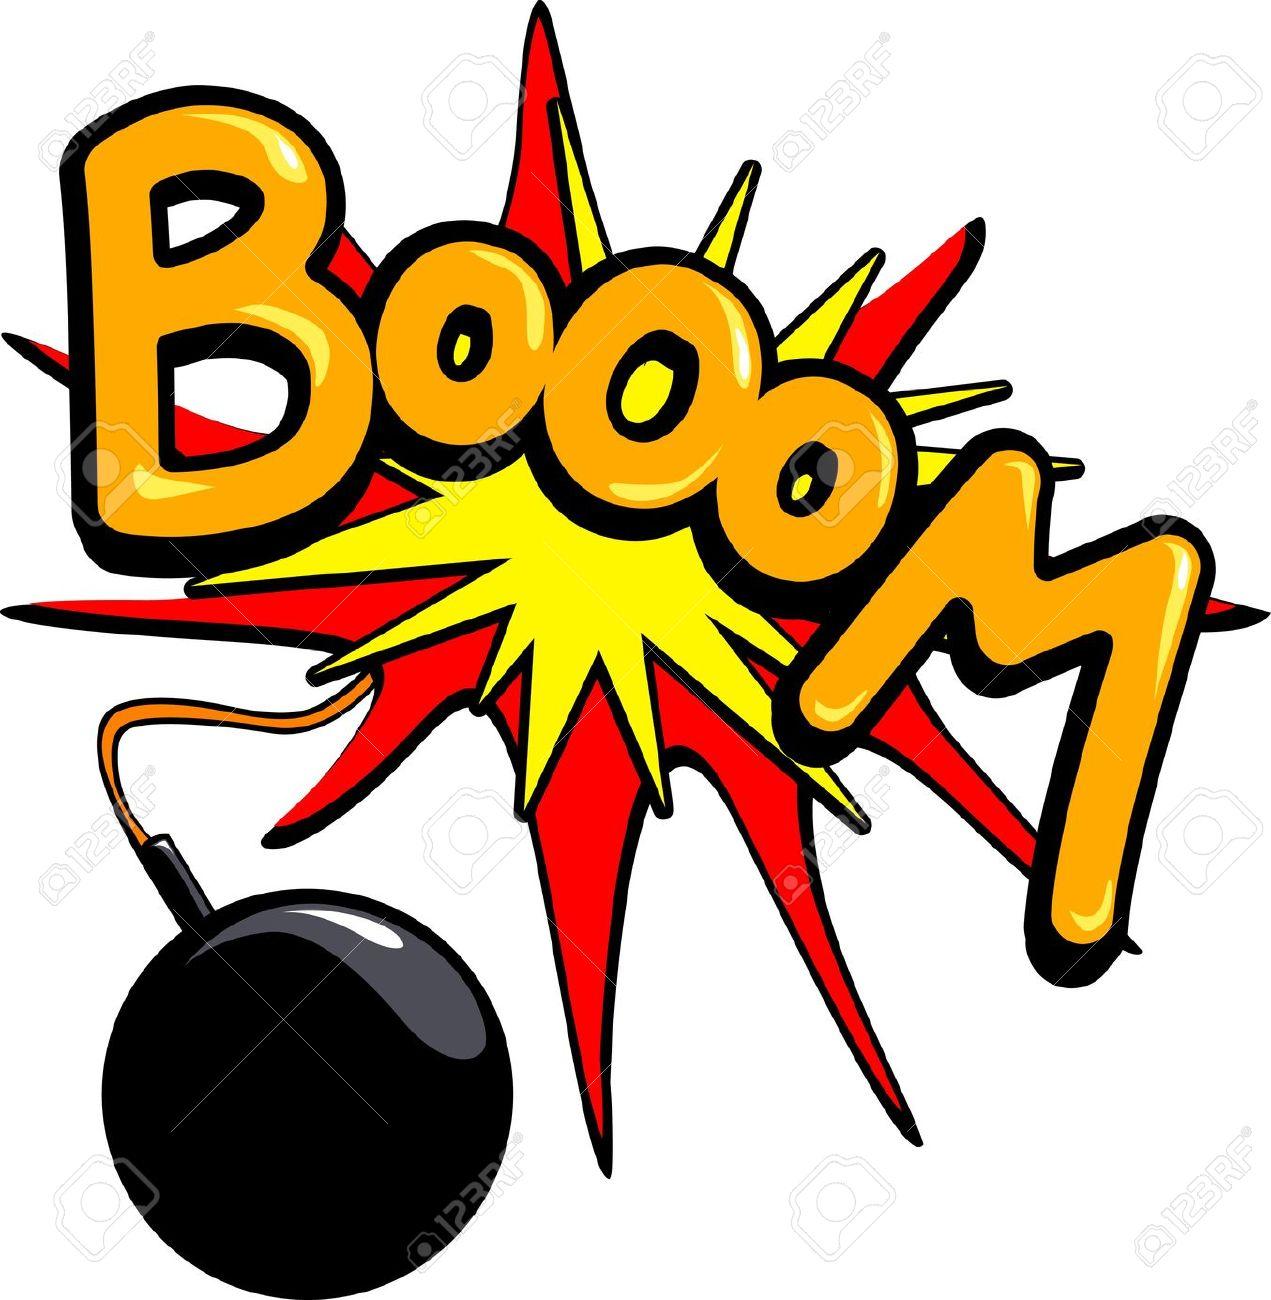 Boom clipart bomb Panda Boom boom%20clipart Clipart Clipart